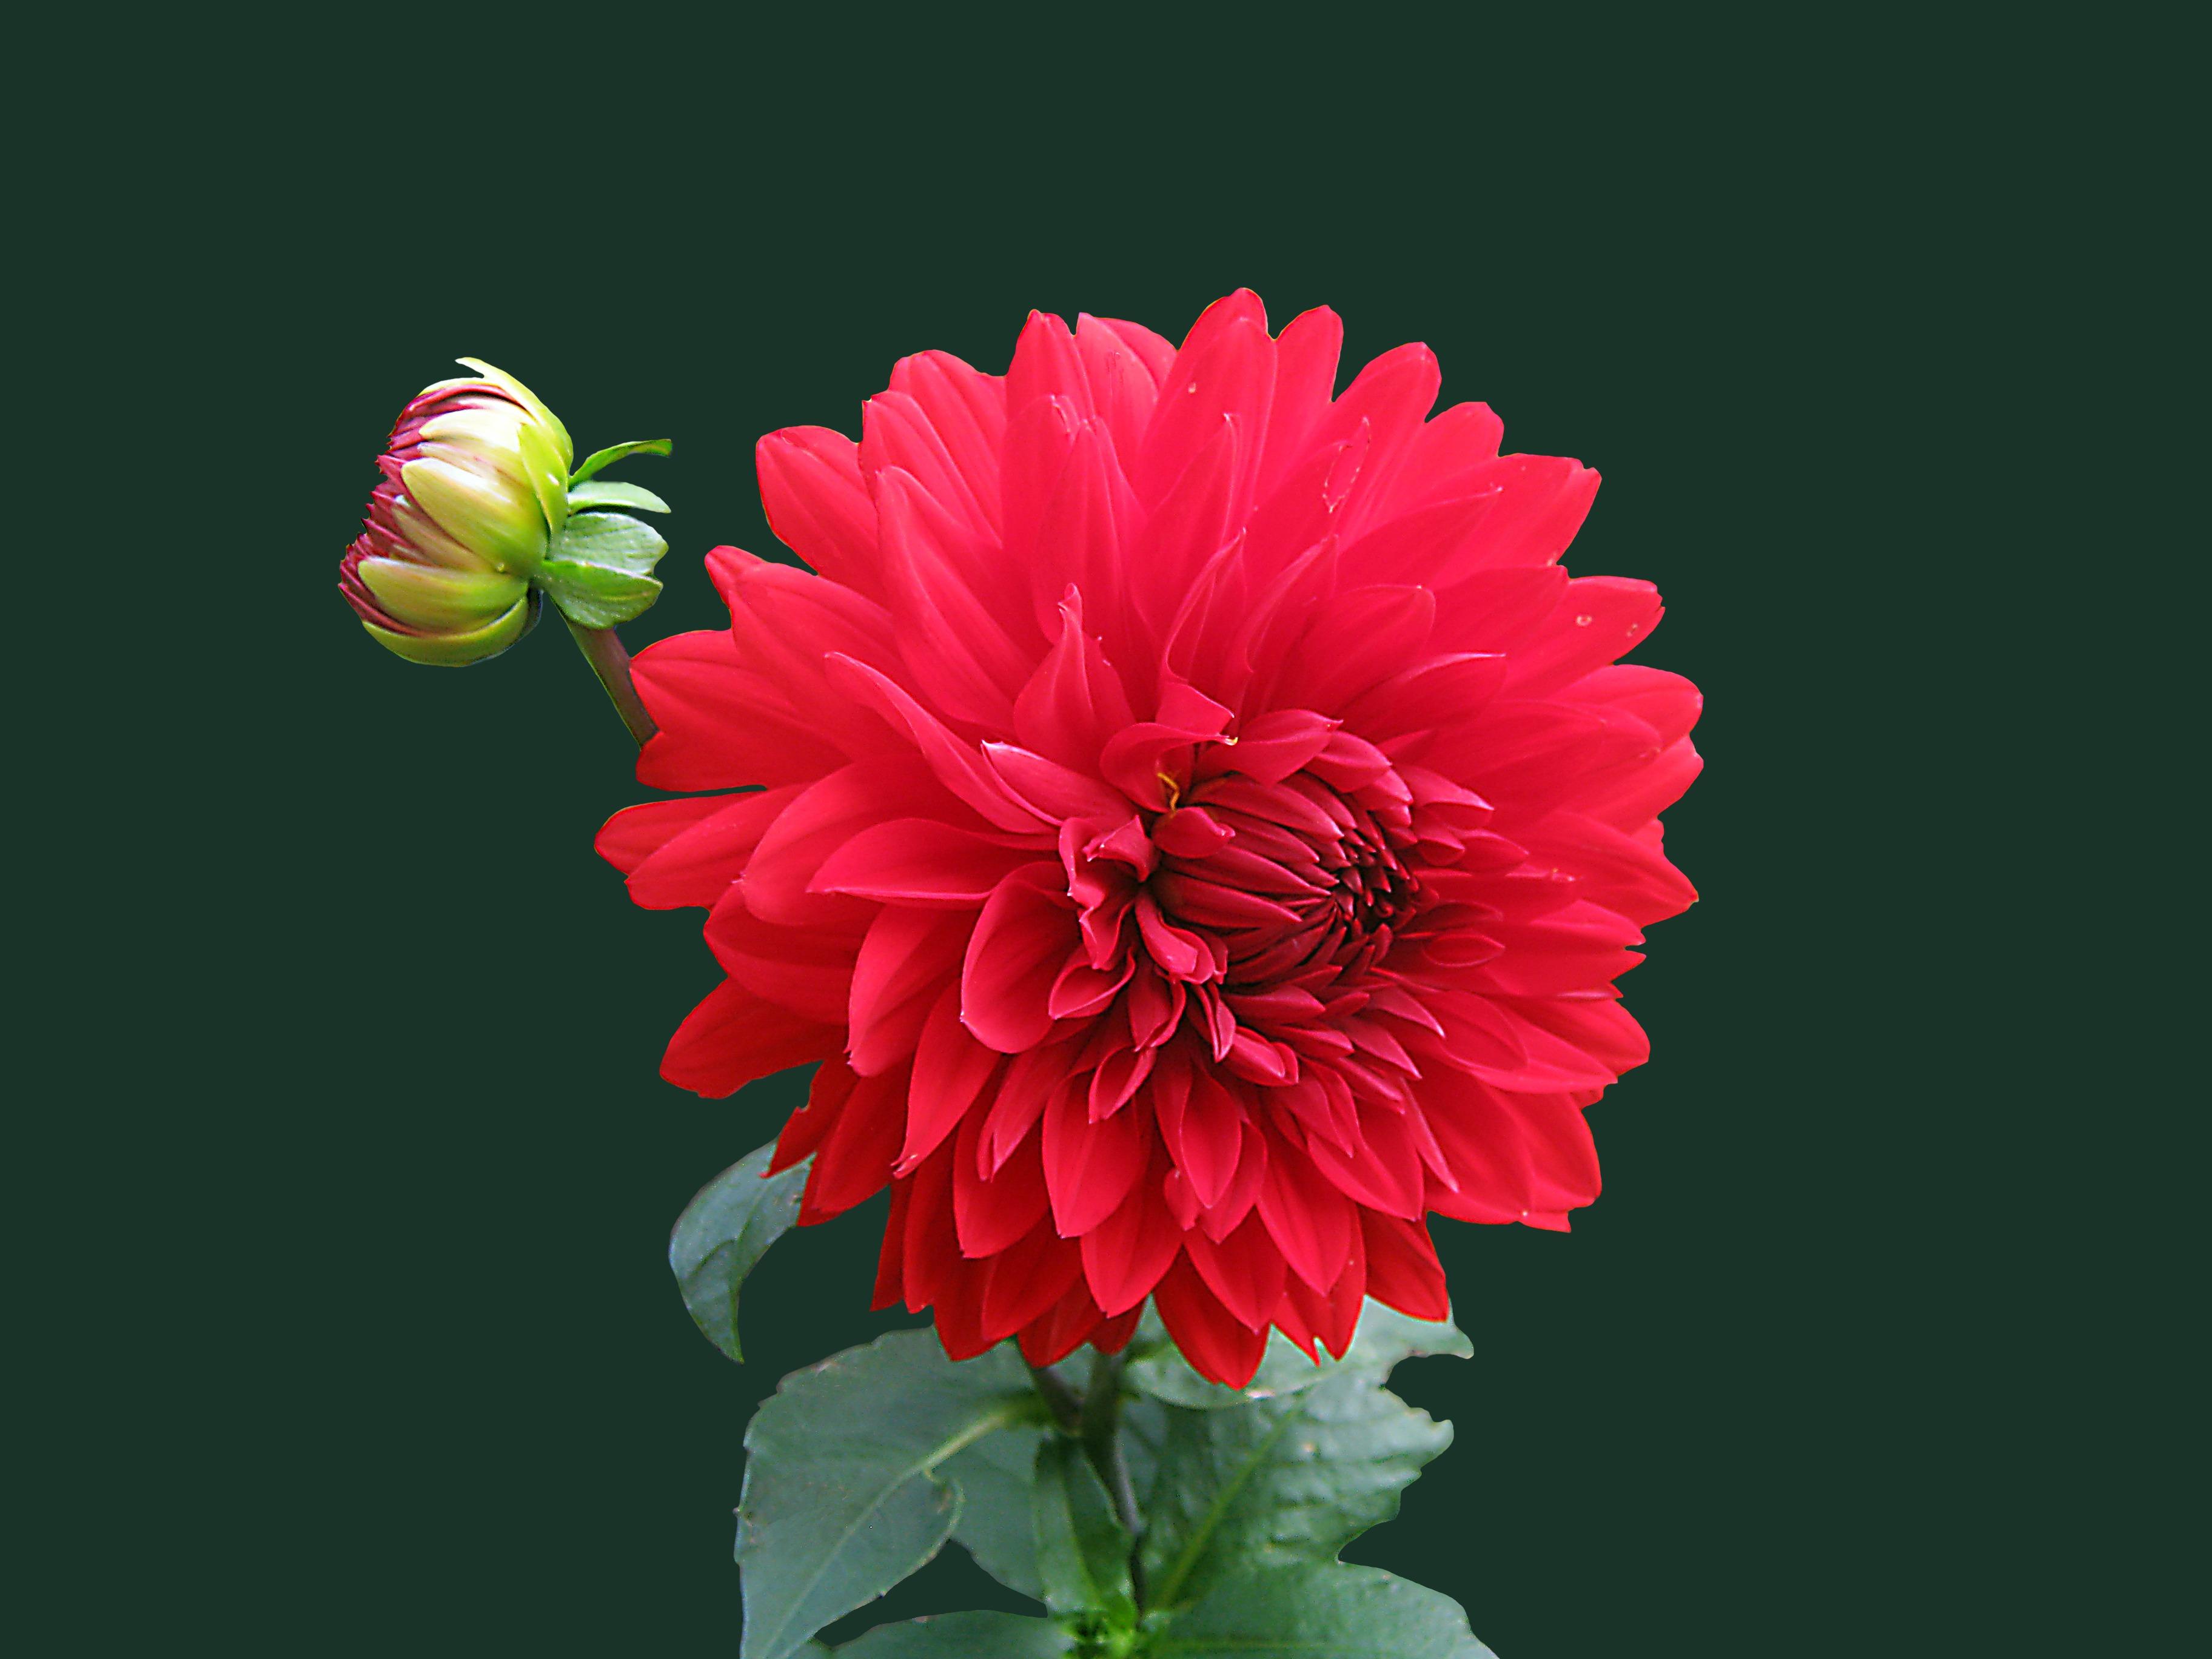 Photo flower geccetackletarts photo flower izmirmasajfo